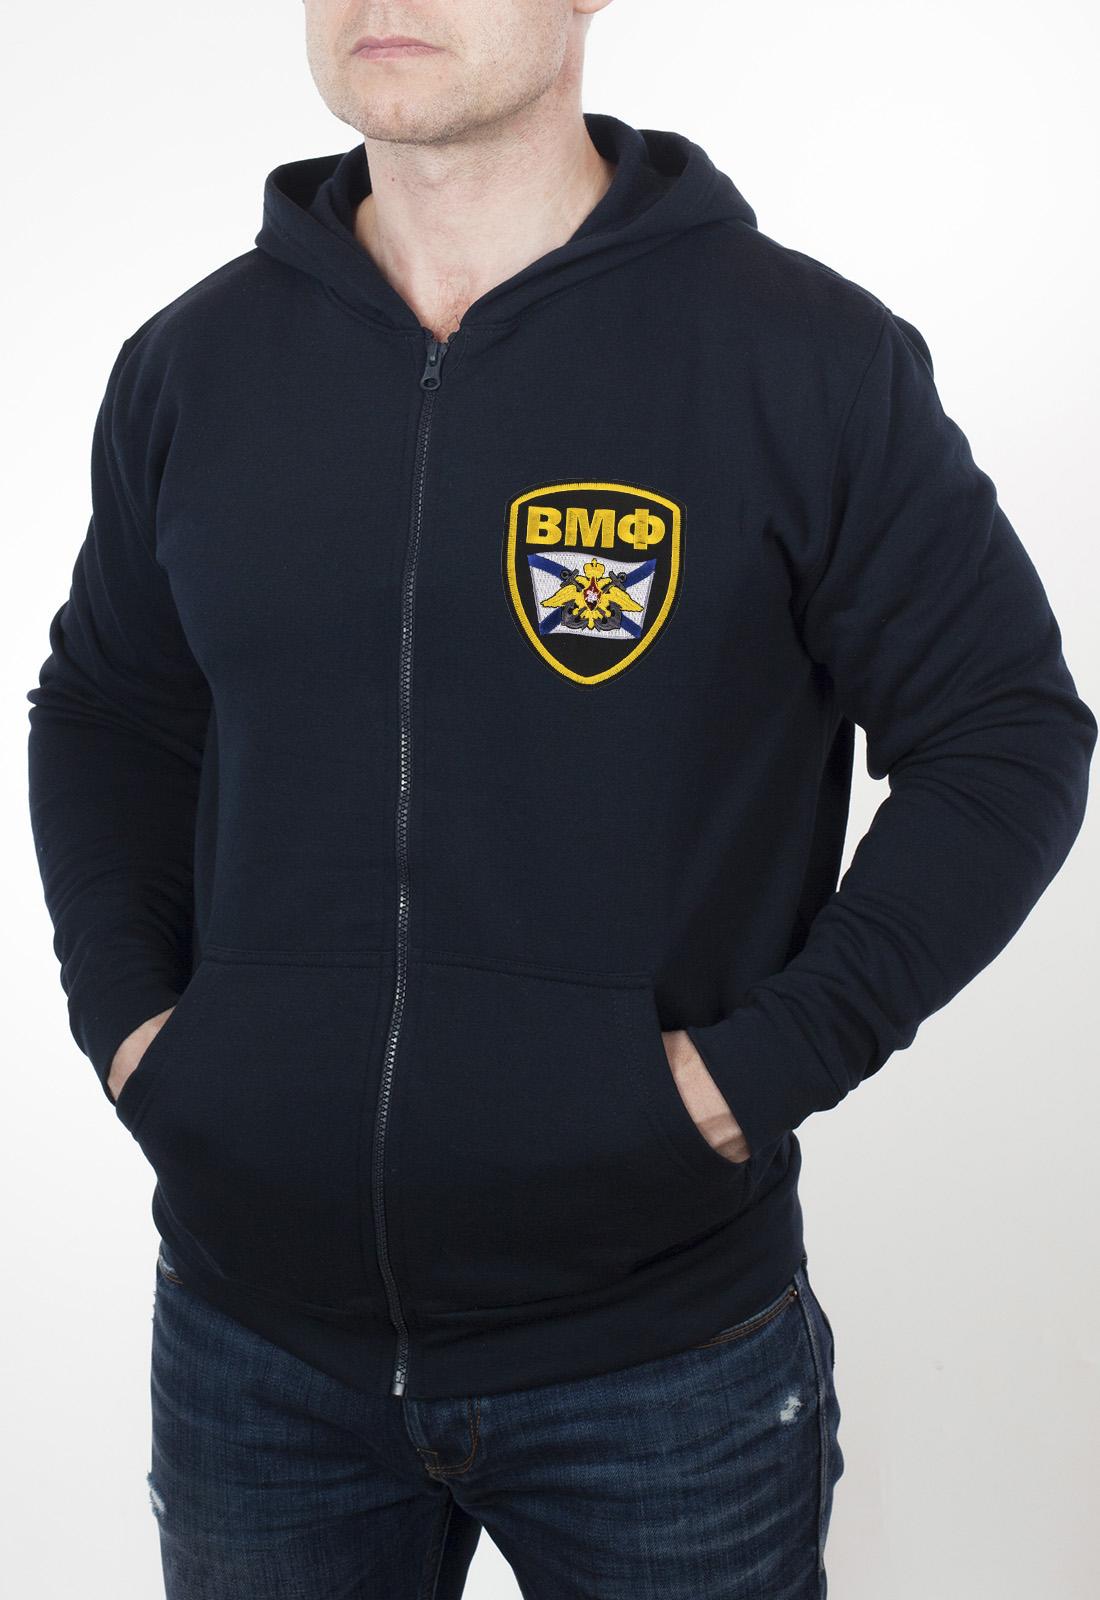 Купить в интернет магазине мужскую толстовку с символикой ВМФ